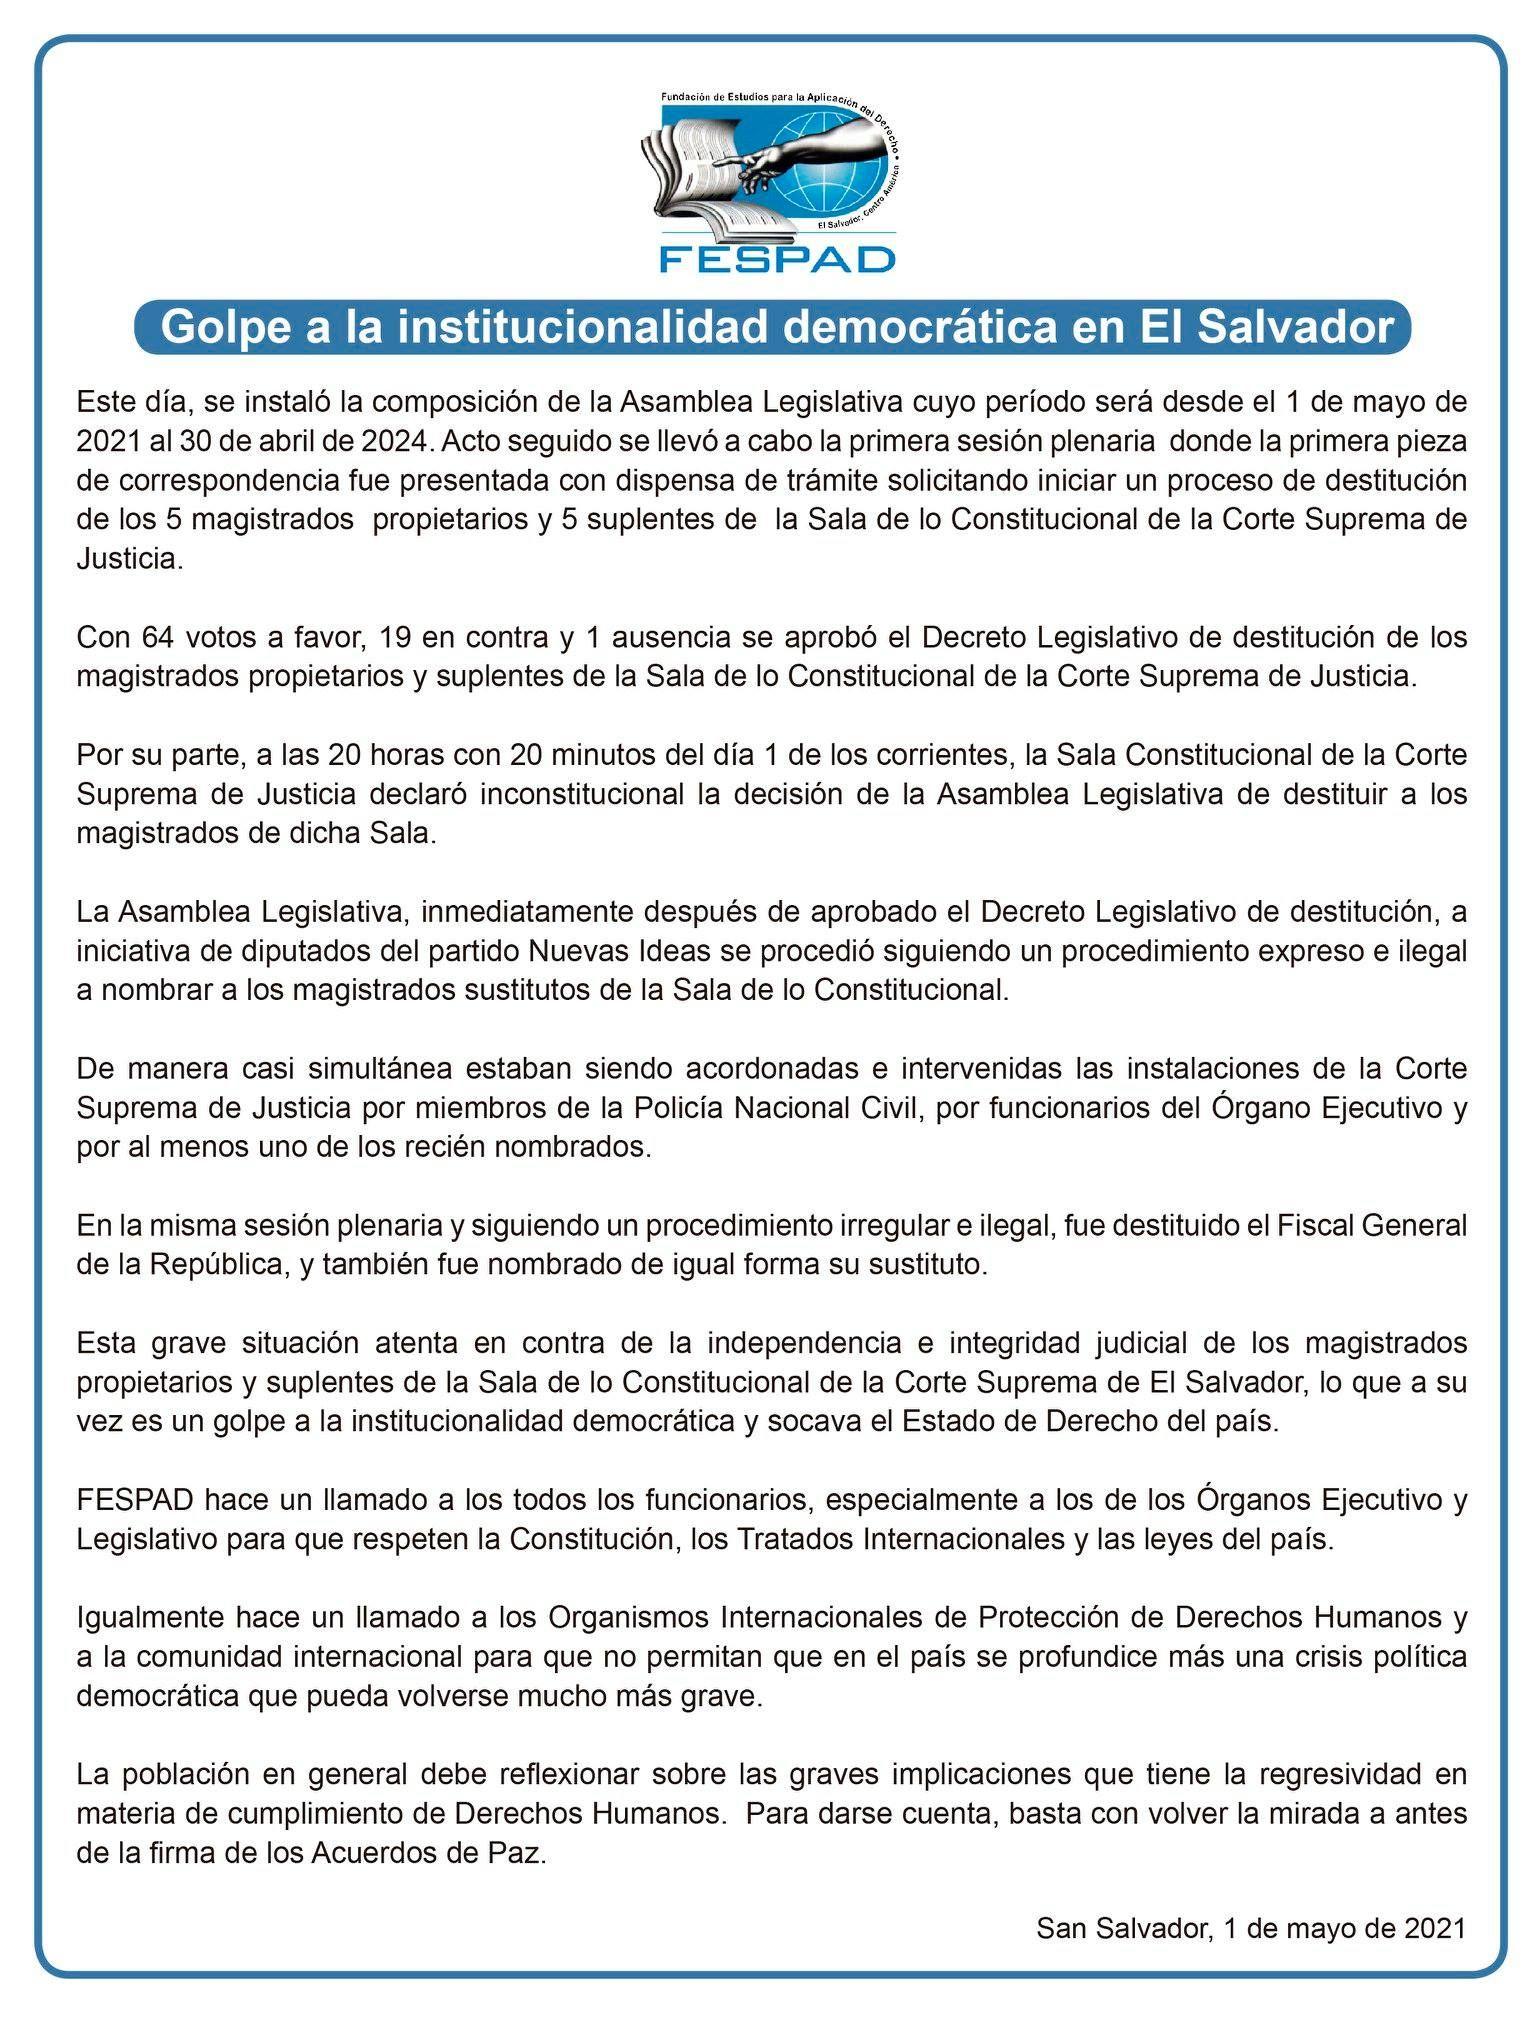 Comunicado: Golpe a la institucionalidad democrática en El Salvador